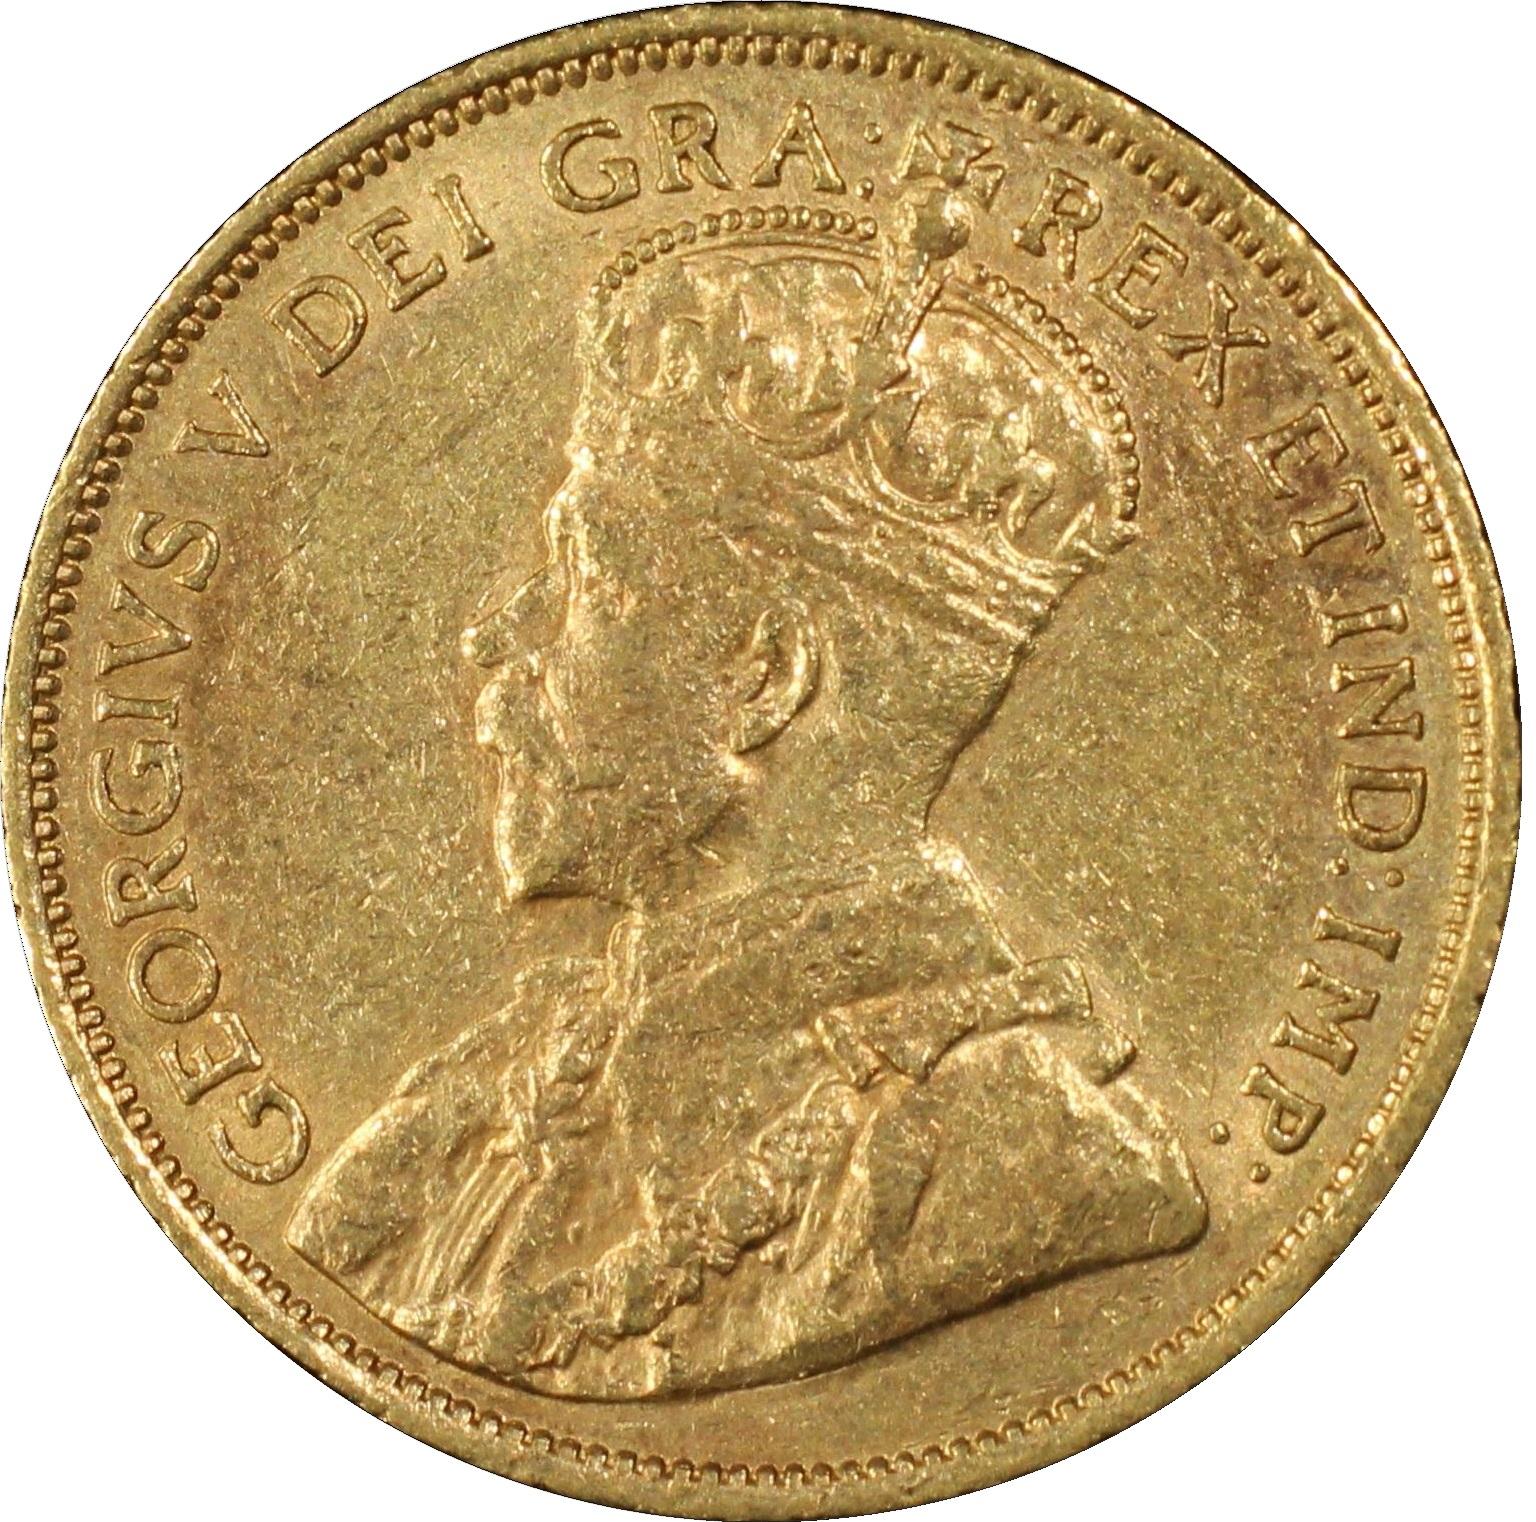 Canada Hoard $5 George V 1912-1914